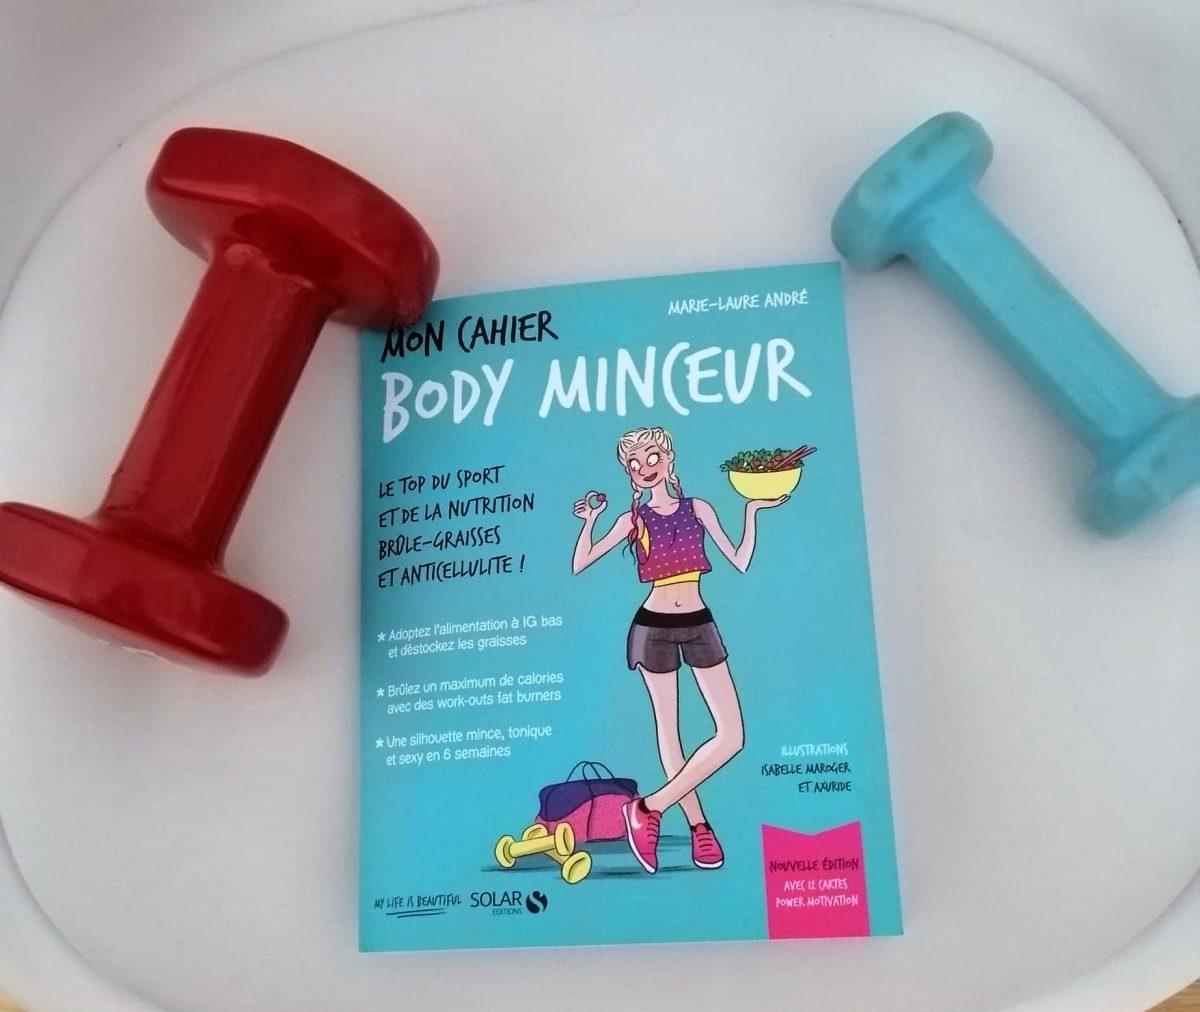 Santé forme minceur | Alimentation équilibrée pour perdre du poids, rester mince et en forme